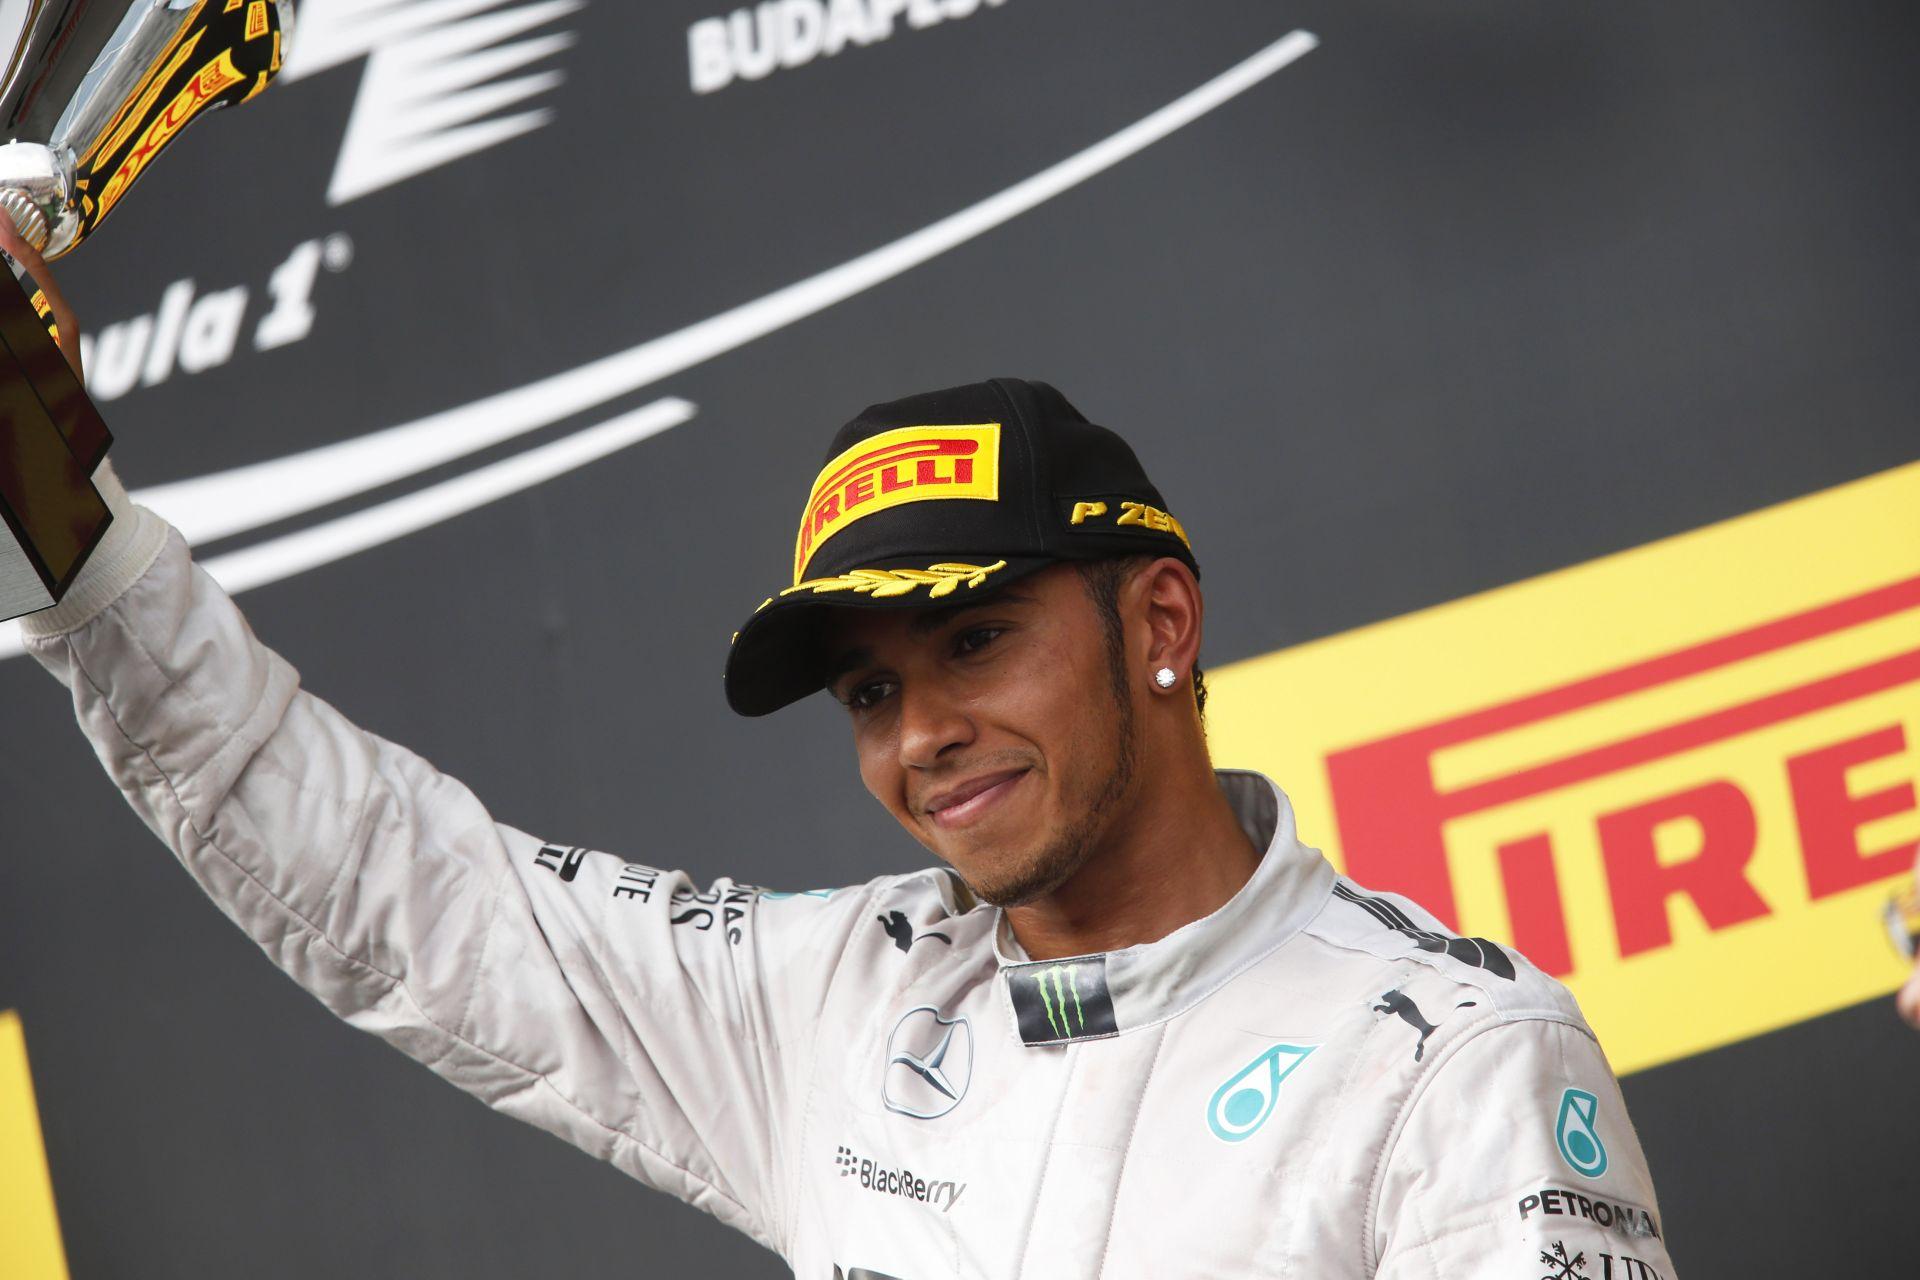 Hamilton: Most a bajnoki cím a tét, így az elengedés már nem fér bele